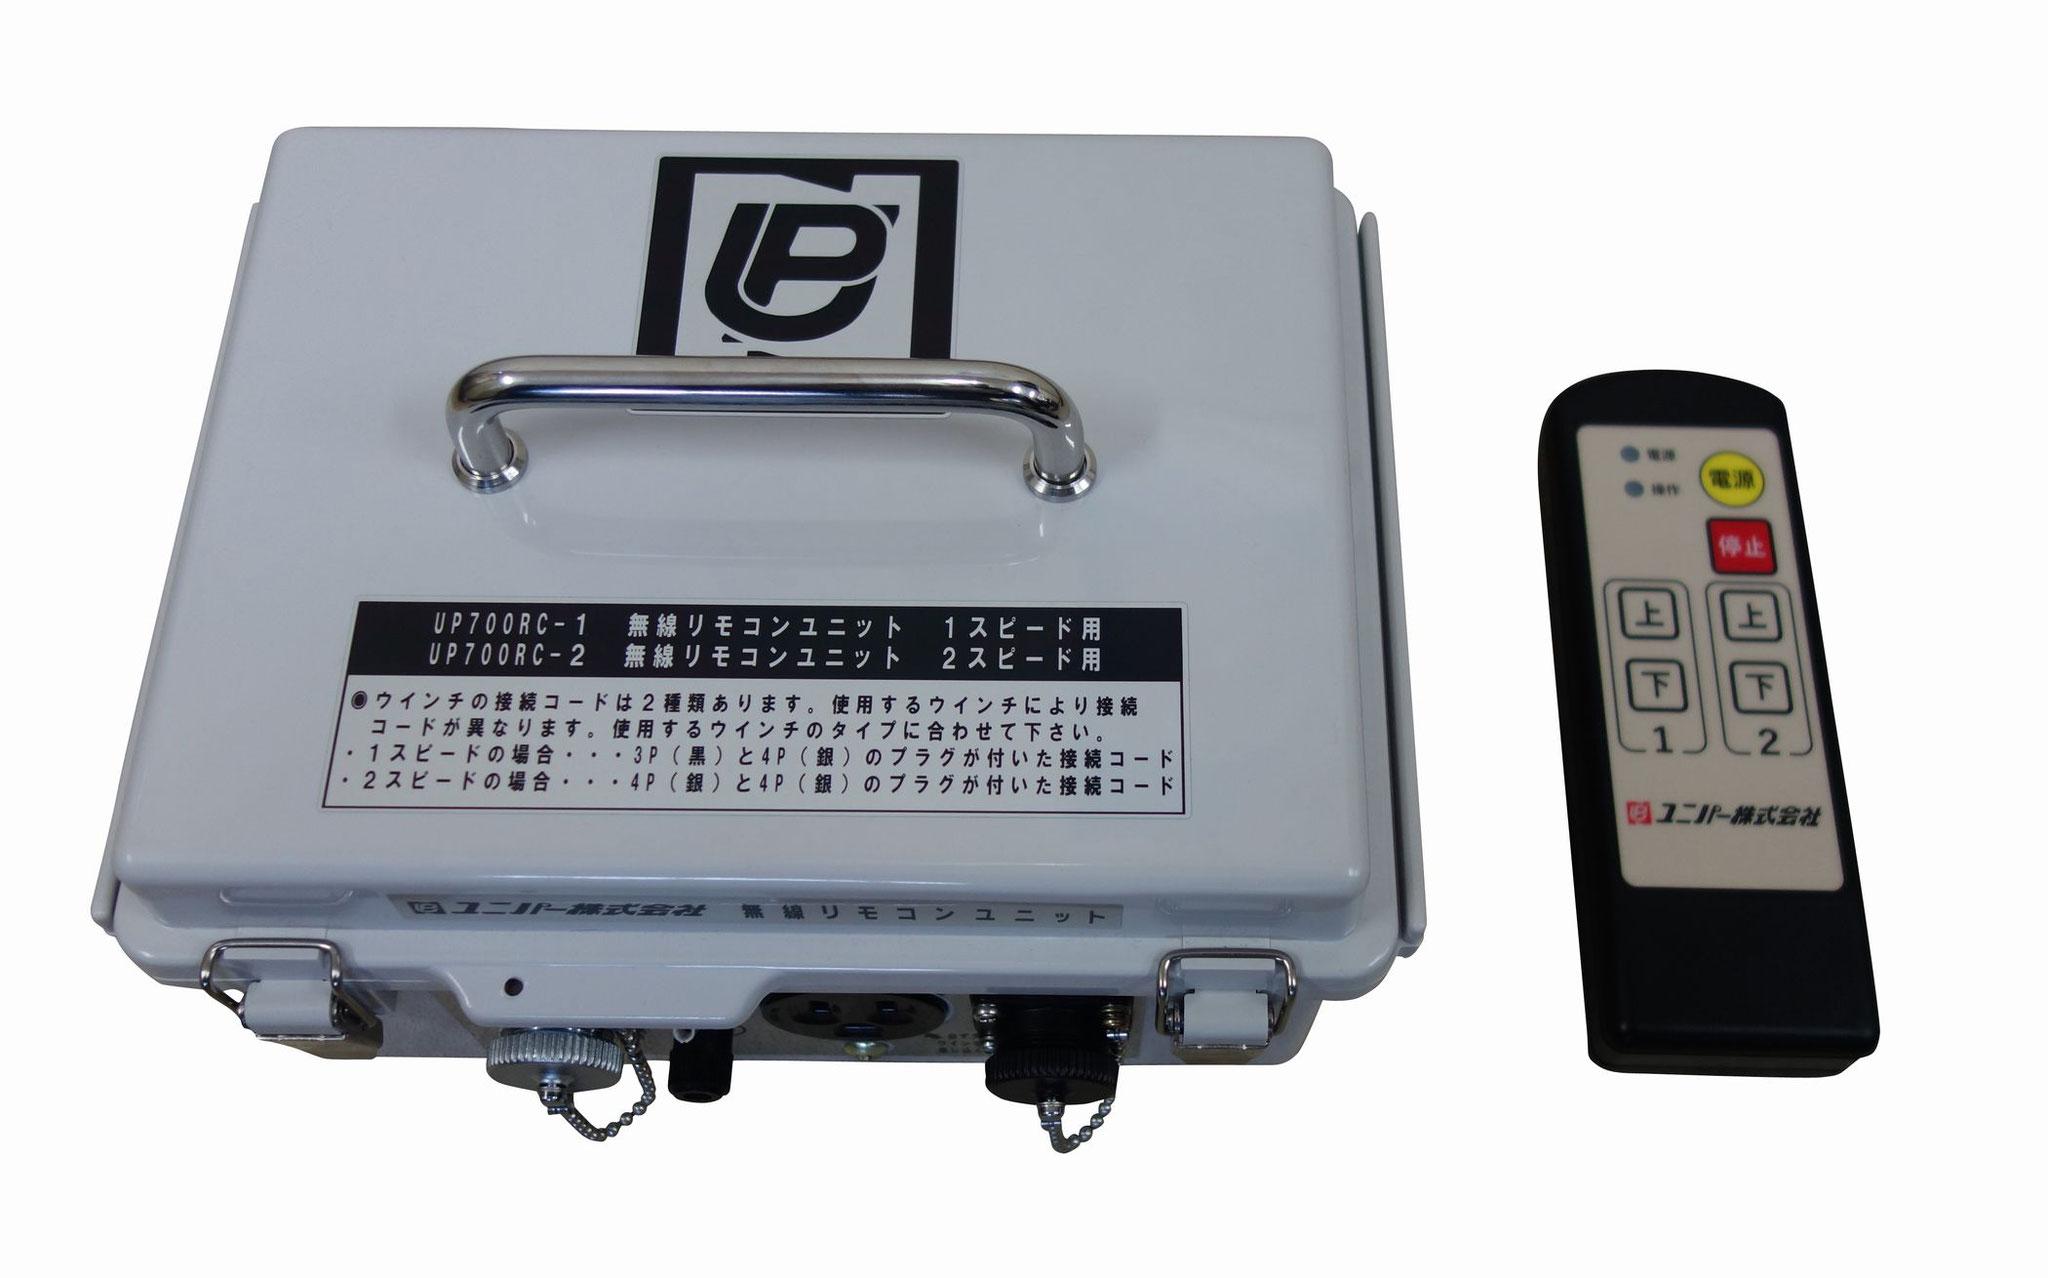 UP700RC 無線リモコンユニット 無線操作で効率アップ